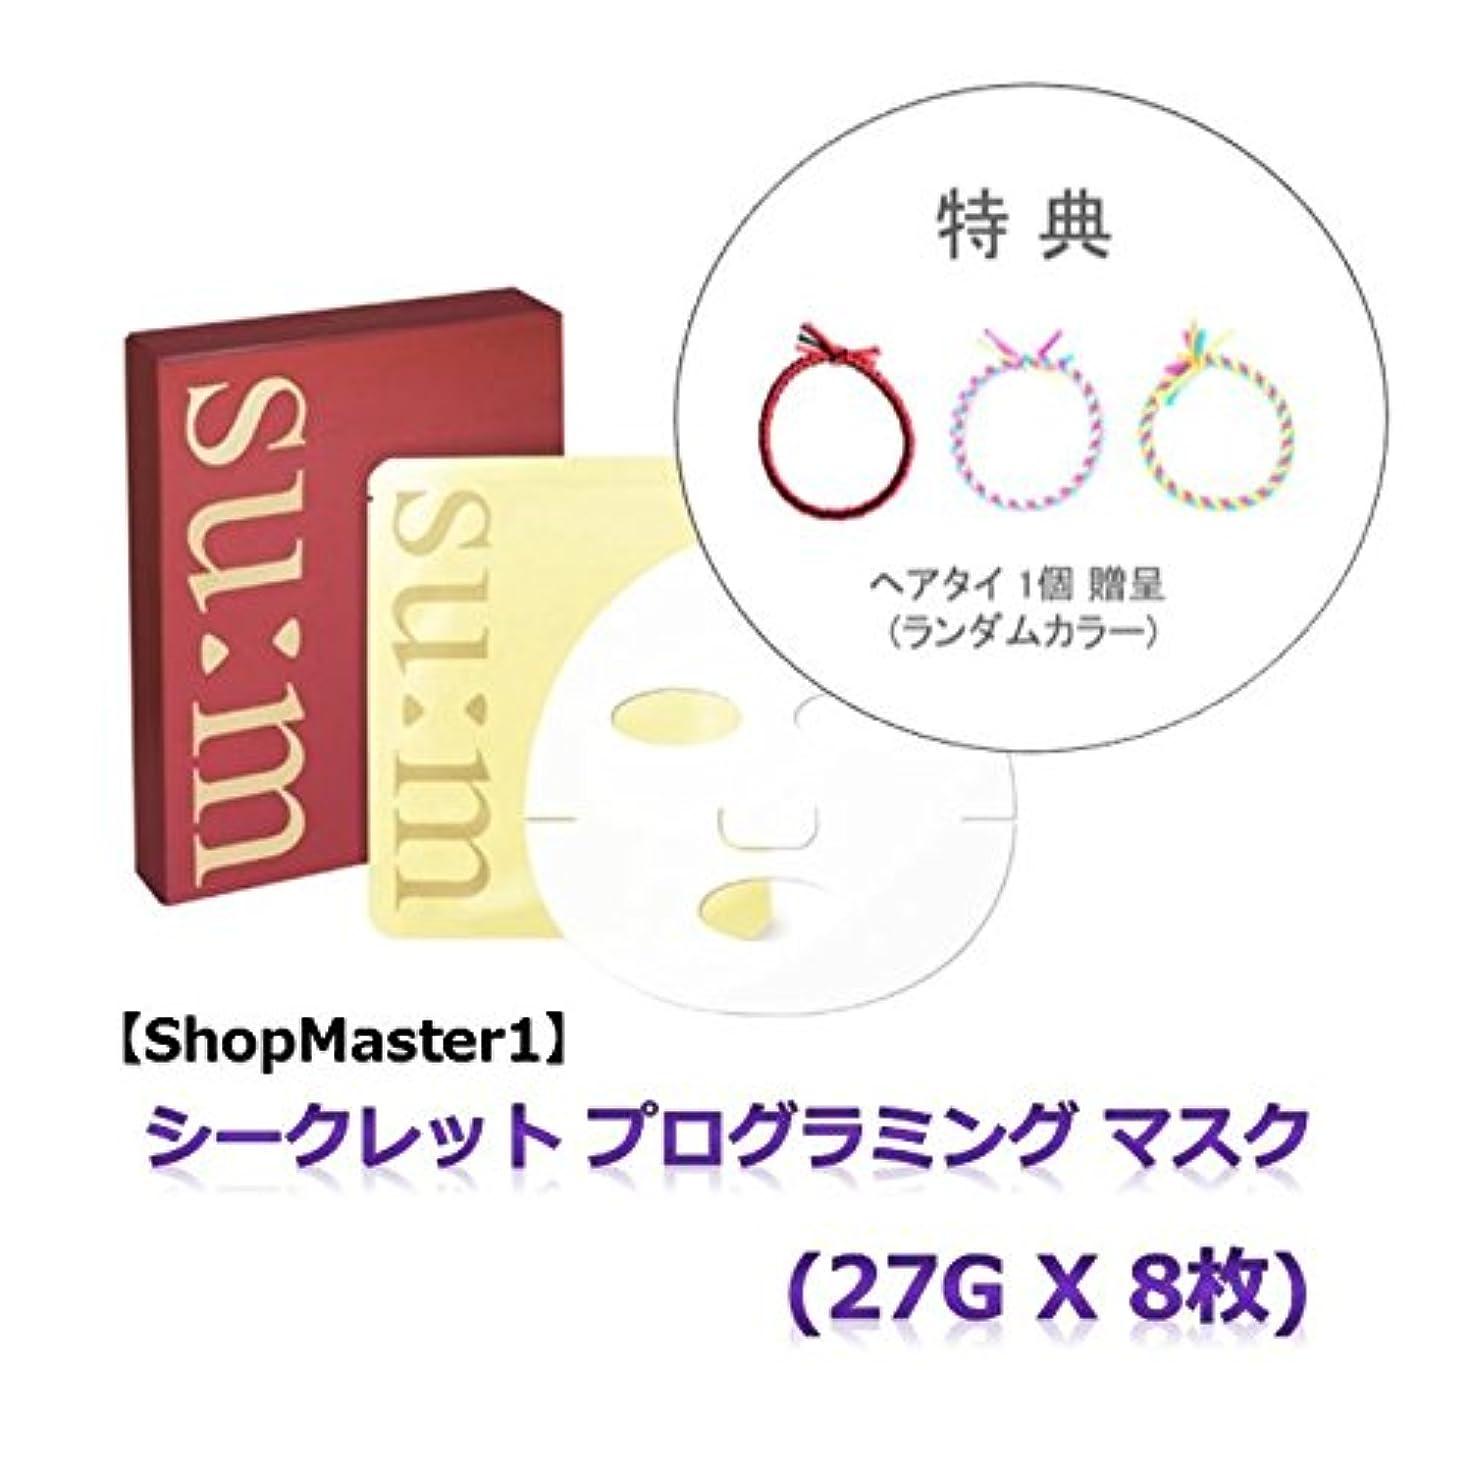 【スム37° su:m37°】シークレット プログラミング マスク (27g x 8枚) / Secret Programming Mask (27g x 8EA) / 特典 - ヘアタイ贈呈(ランダムカラー) [並行輸入品]